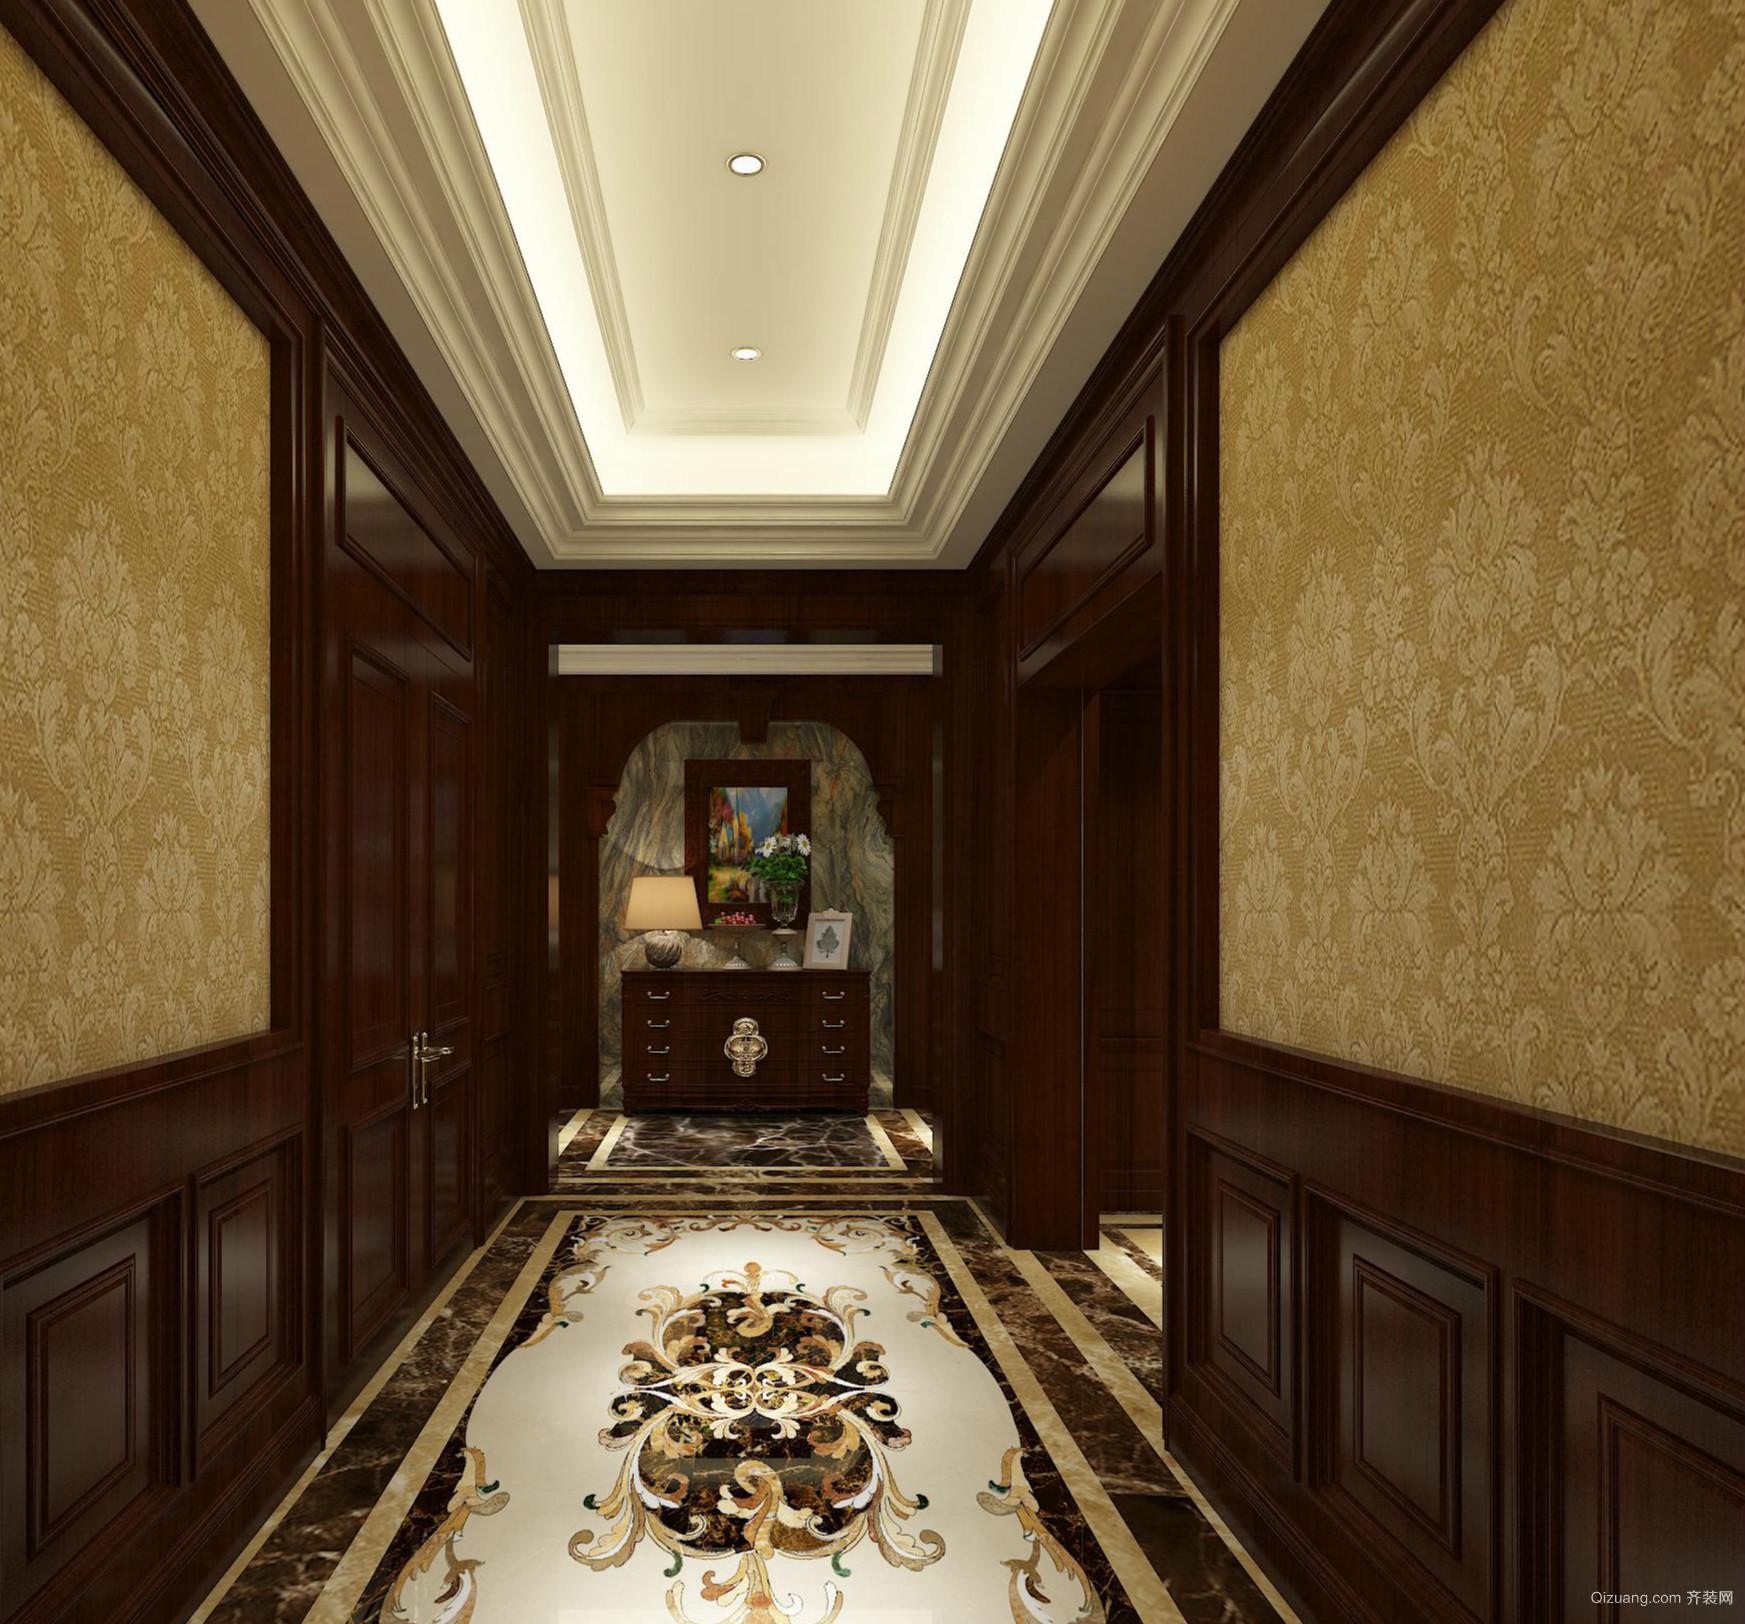 145平米家居美式玄关设计装修效果图